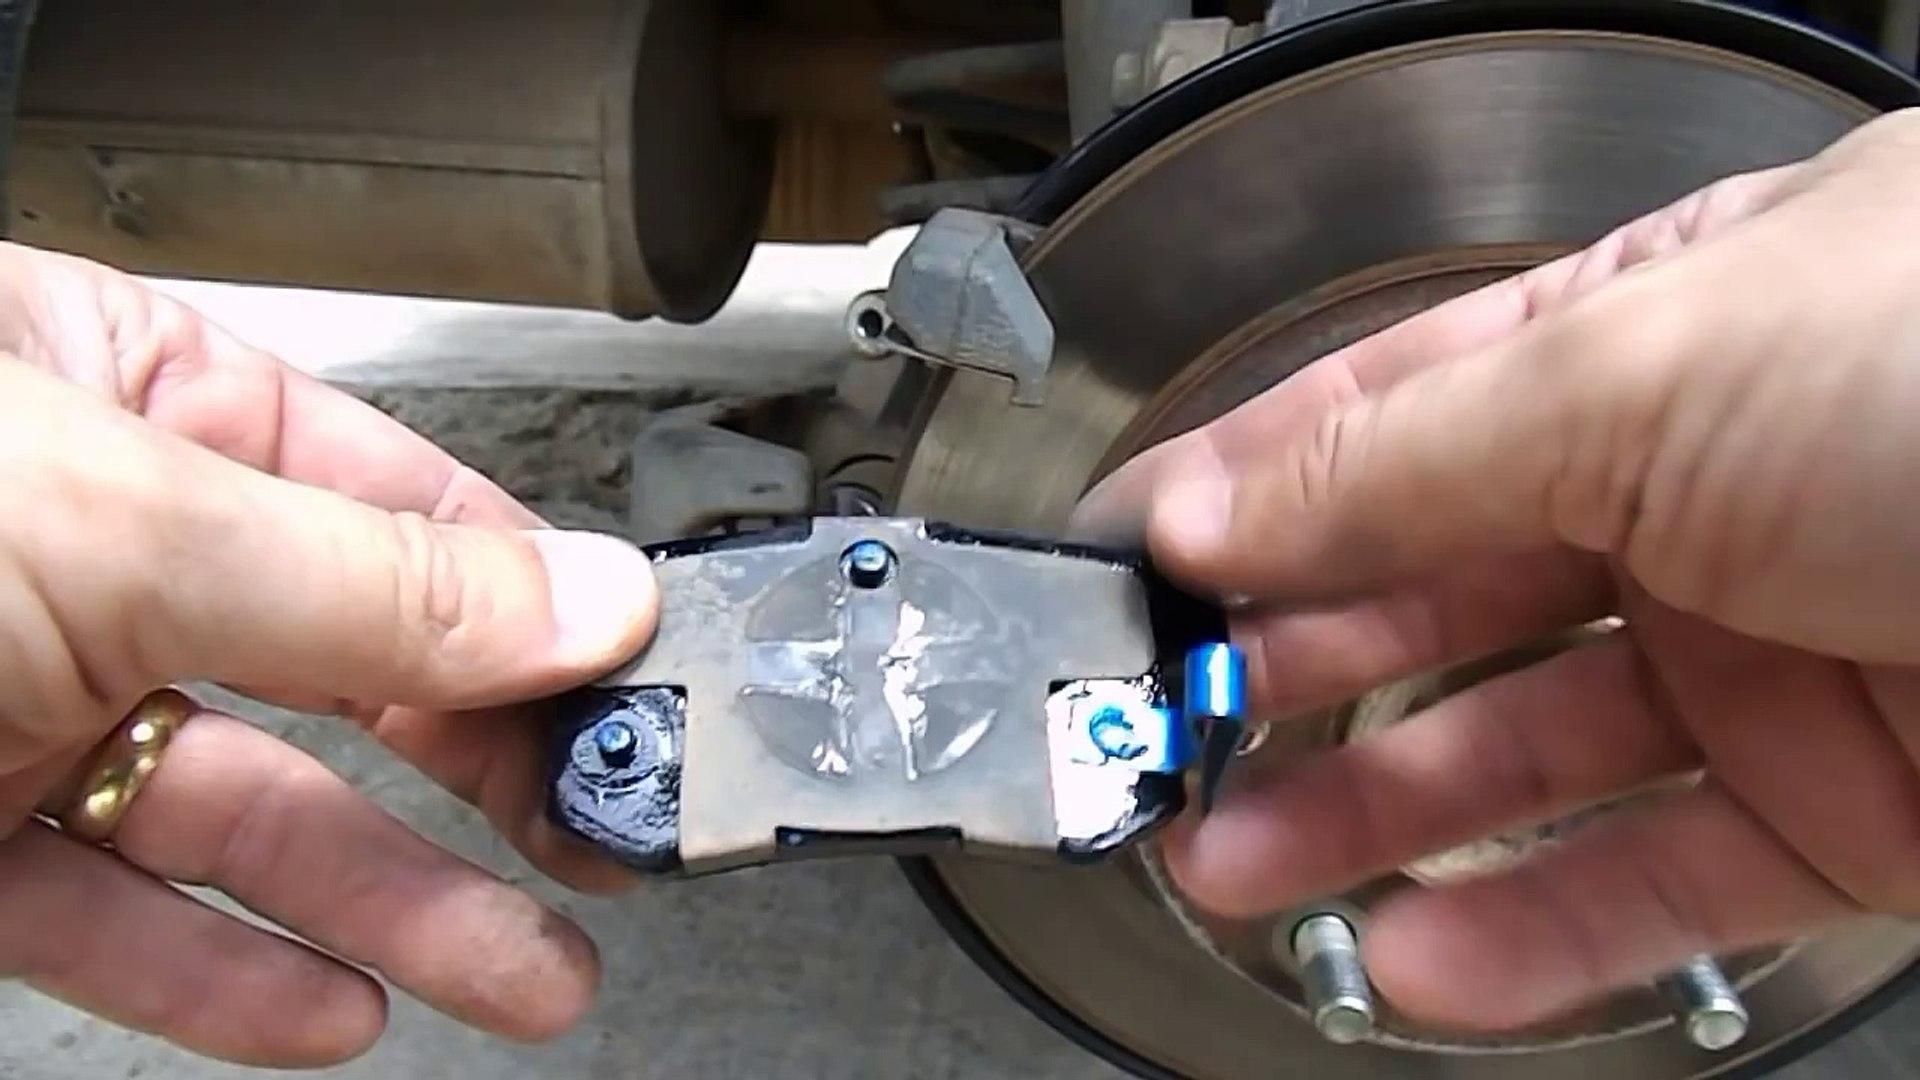 New Civic - Troca da pastilha traseira e pintura do disco de freio